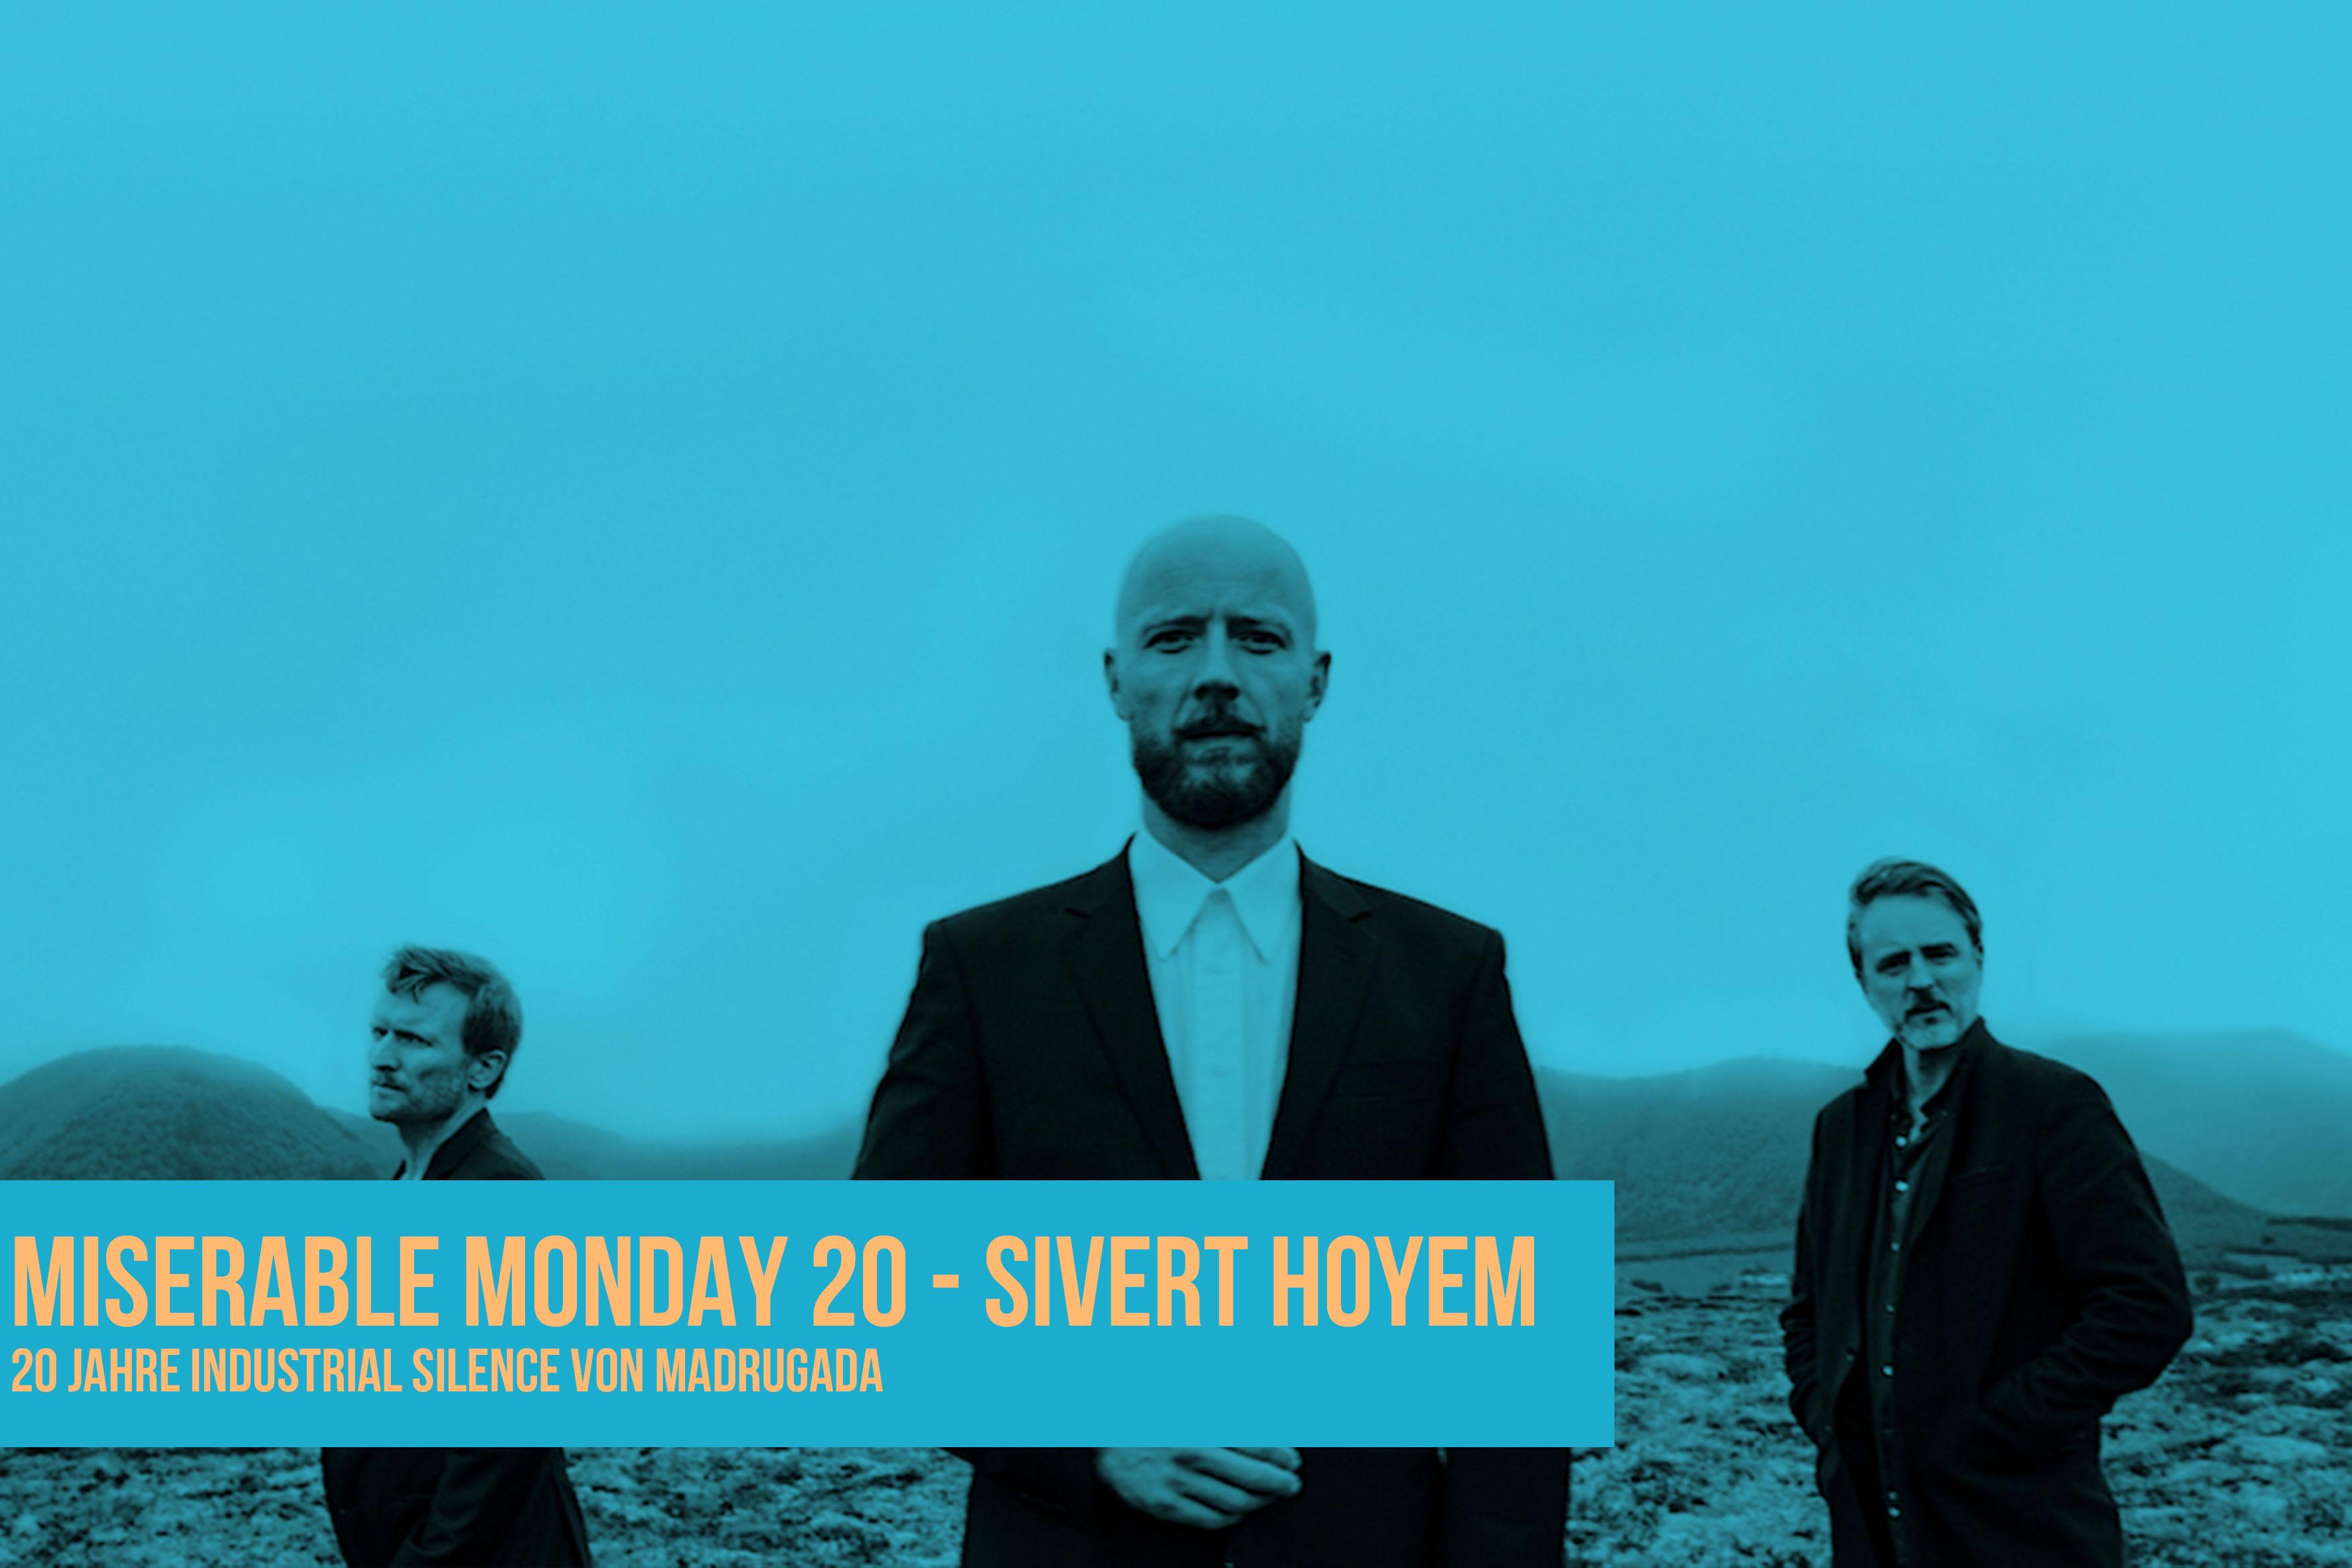 020 - Sivert Høyem